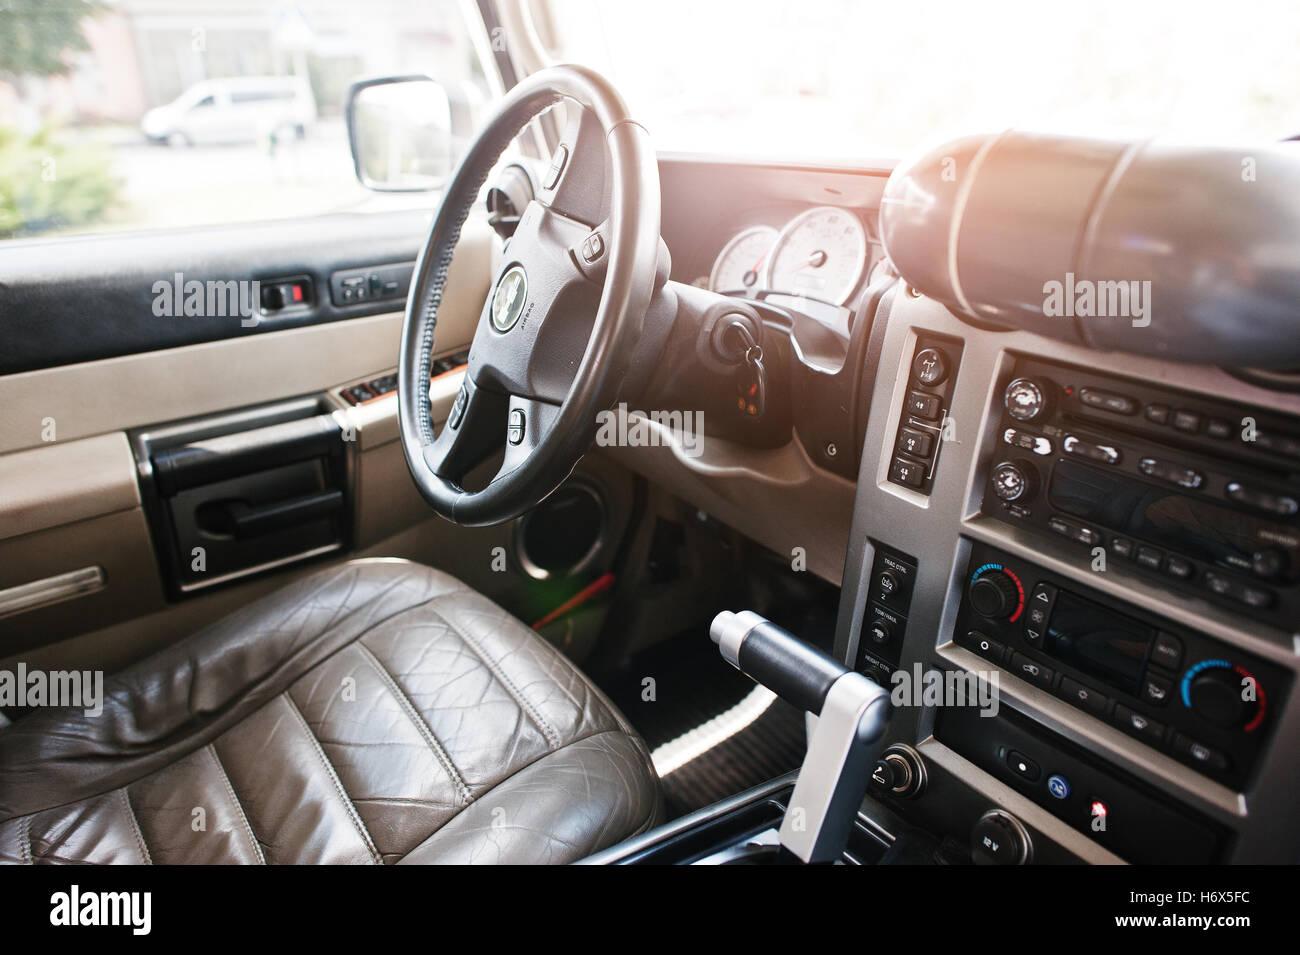 Hummer H2 Stockfotos & Hummer H2 Bilder - Seite 2 - Alamy